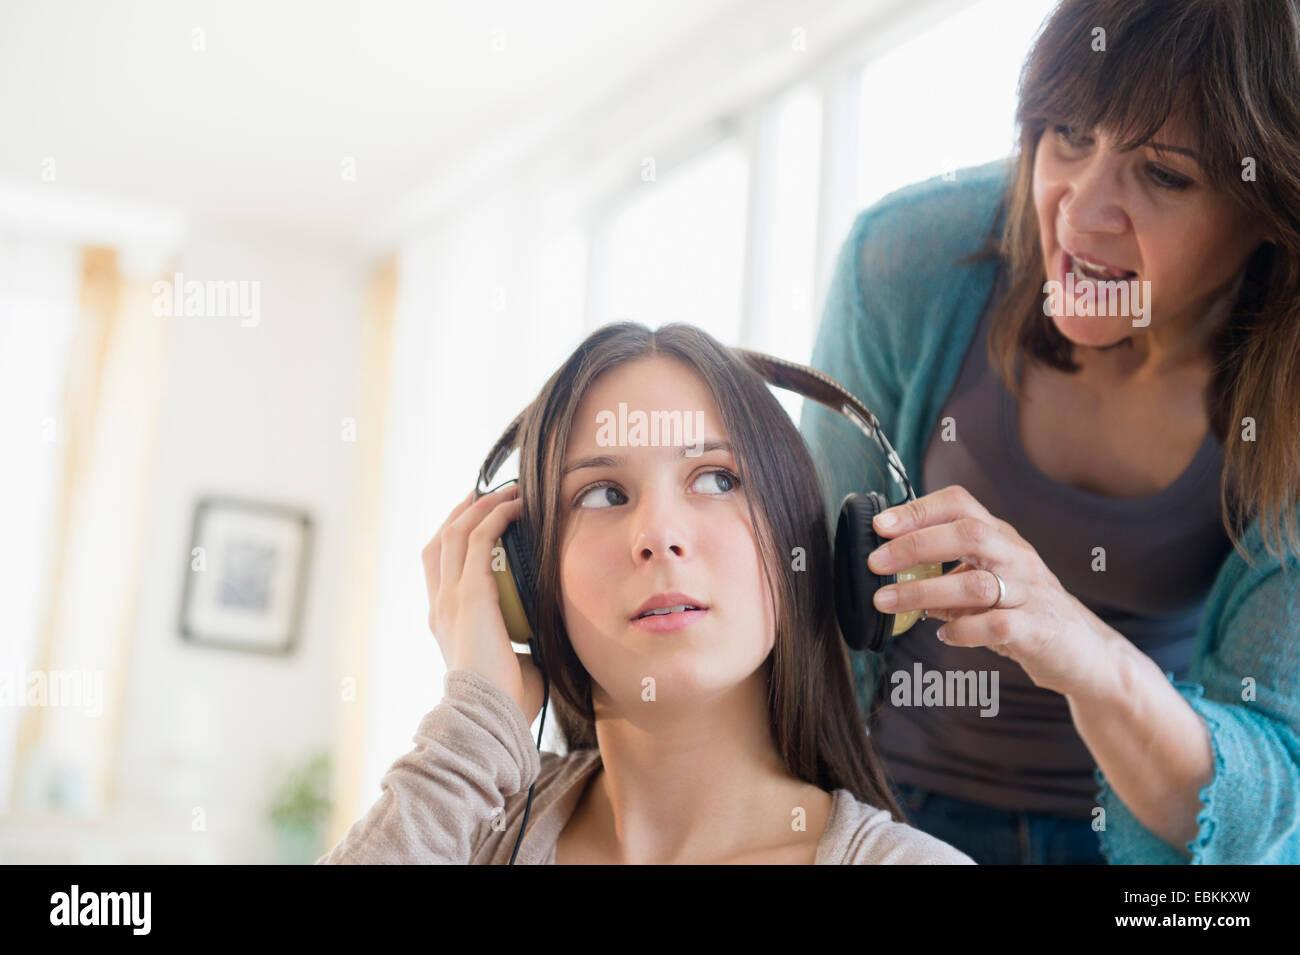 Mutter Tochter im Teenageralter (14-15) anschreien Stockbild